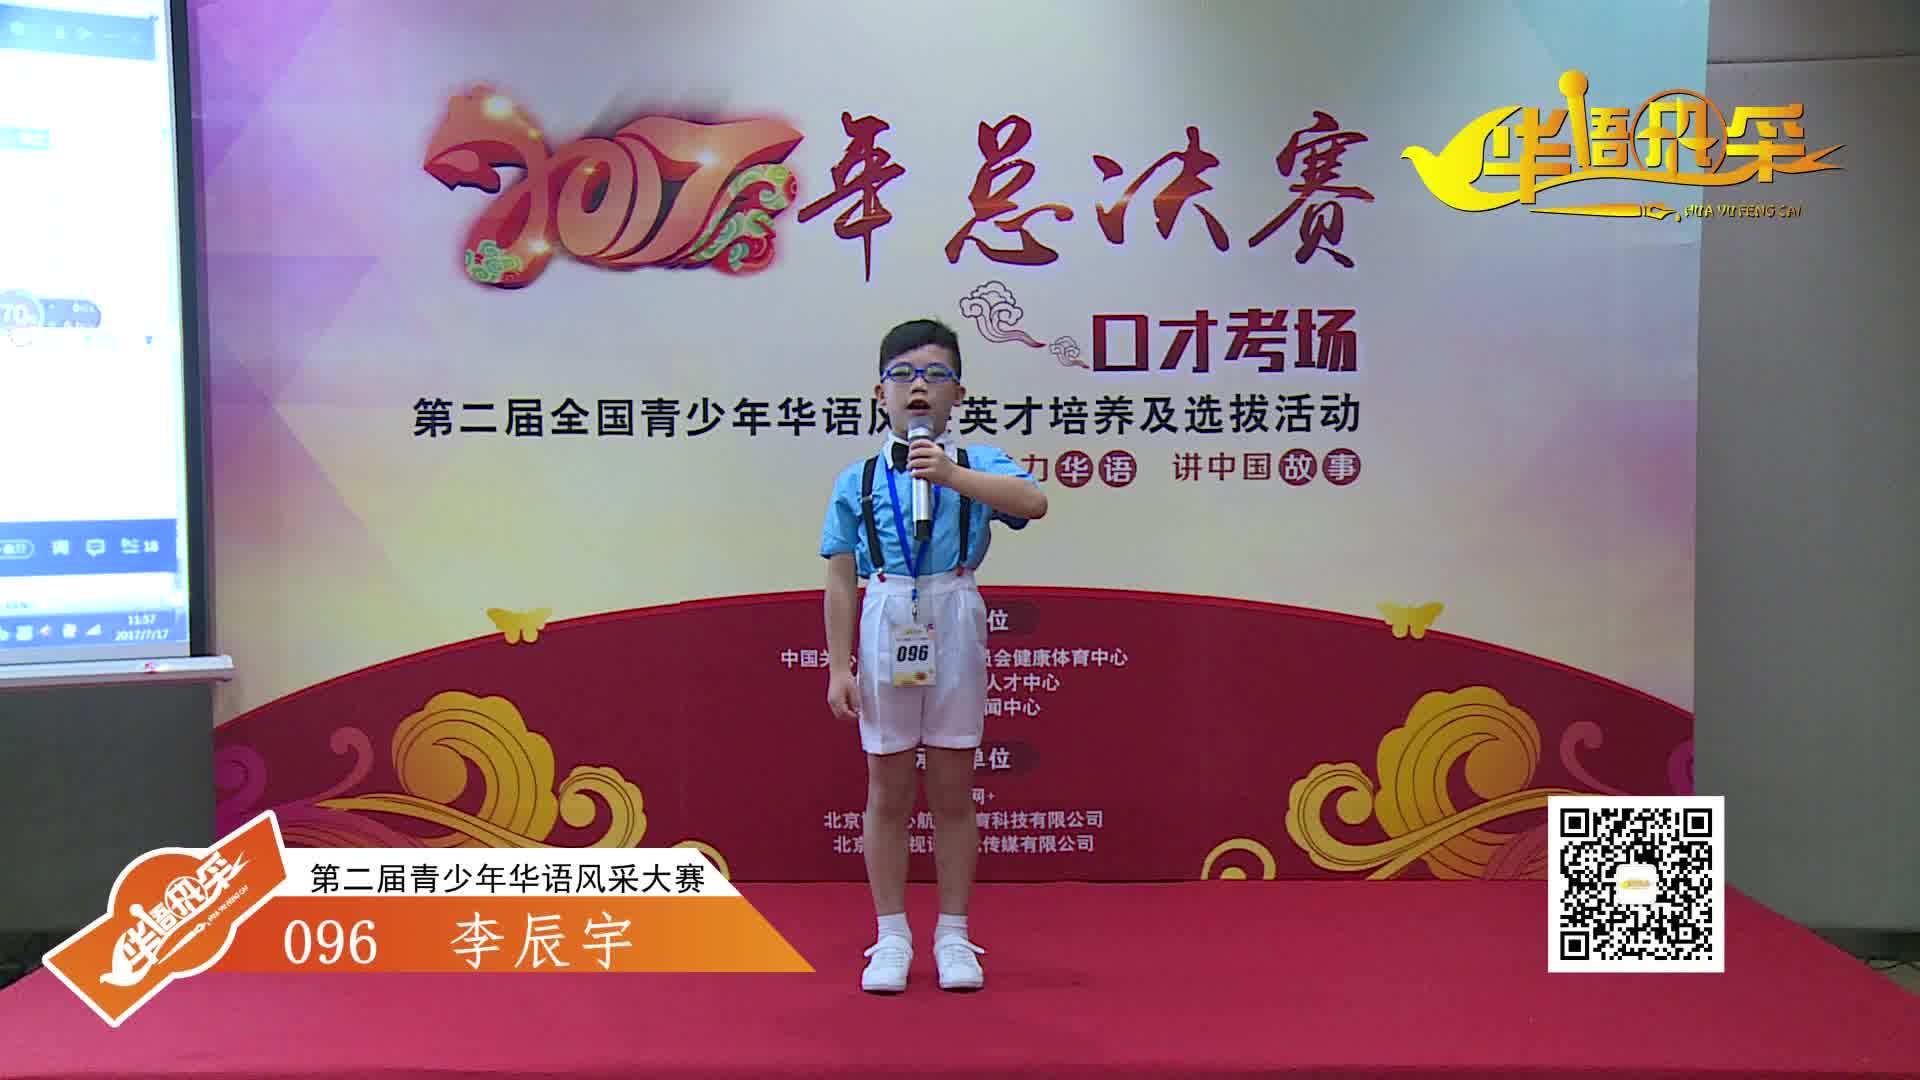 096号选手:李辰宇